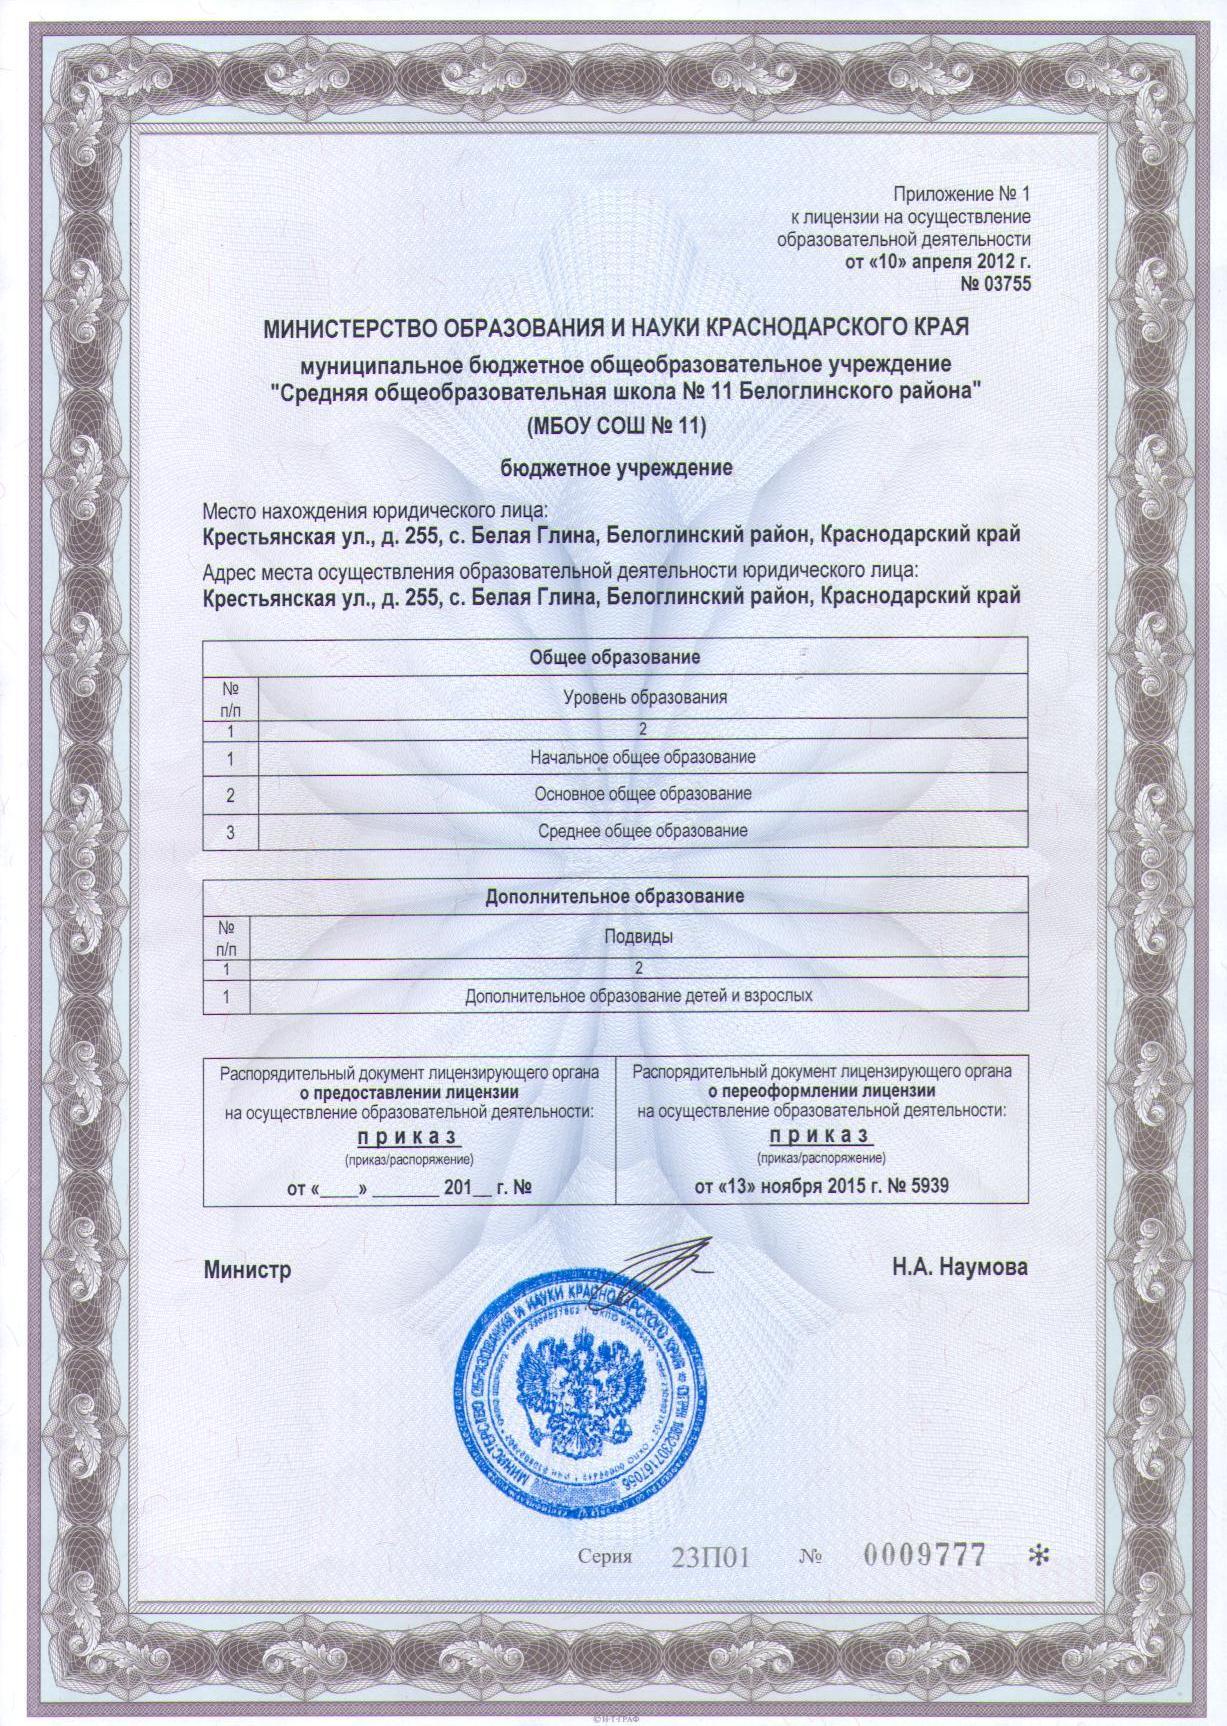 Приложение к лицензии на право ведения образовательной деятельности.